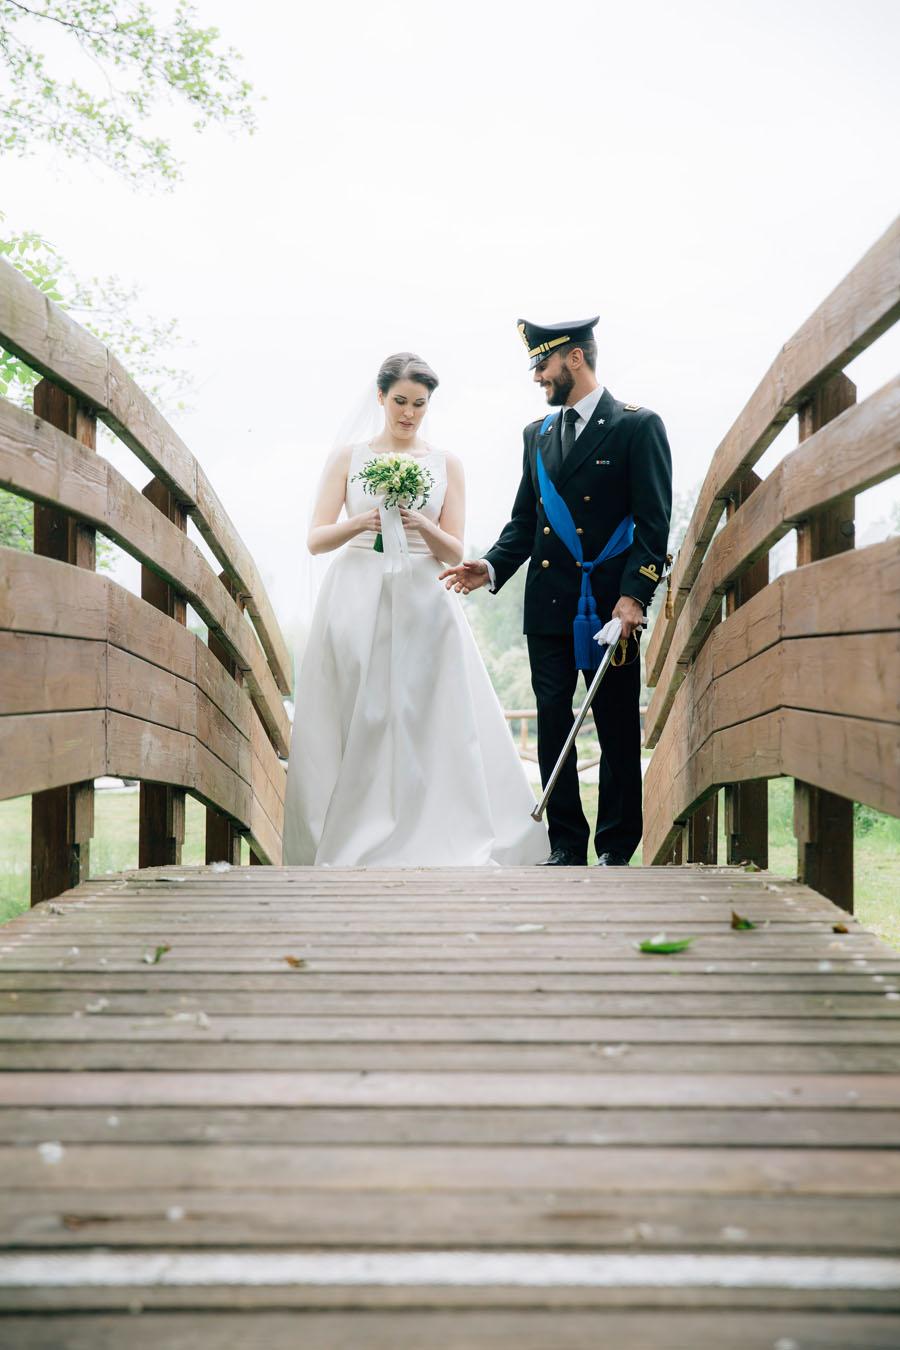 Elena e Matteo sposi-Wedding reportage-Renato Zanette Fotografo Matrimonio Treviso Veneto-Falzè di Piave-Fontane Bianche-andiamo